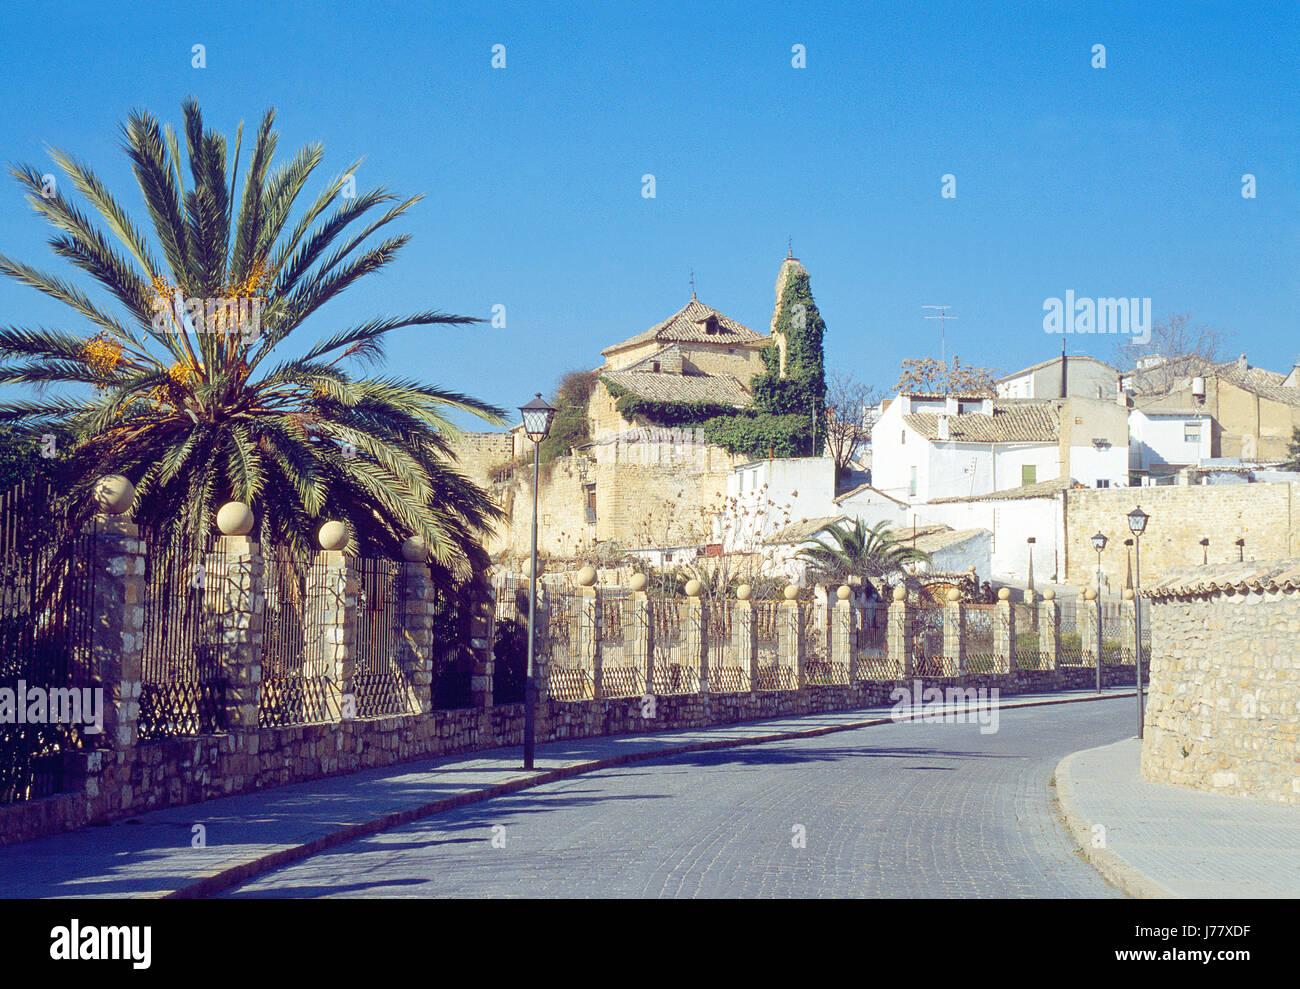 Street. Ubeda, provincia de Jaén, Andalucía, España. Imagen De Stock